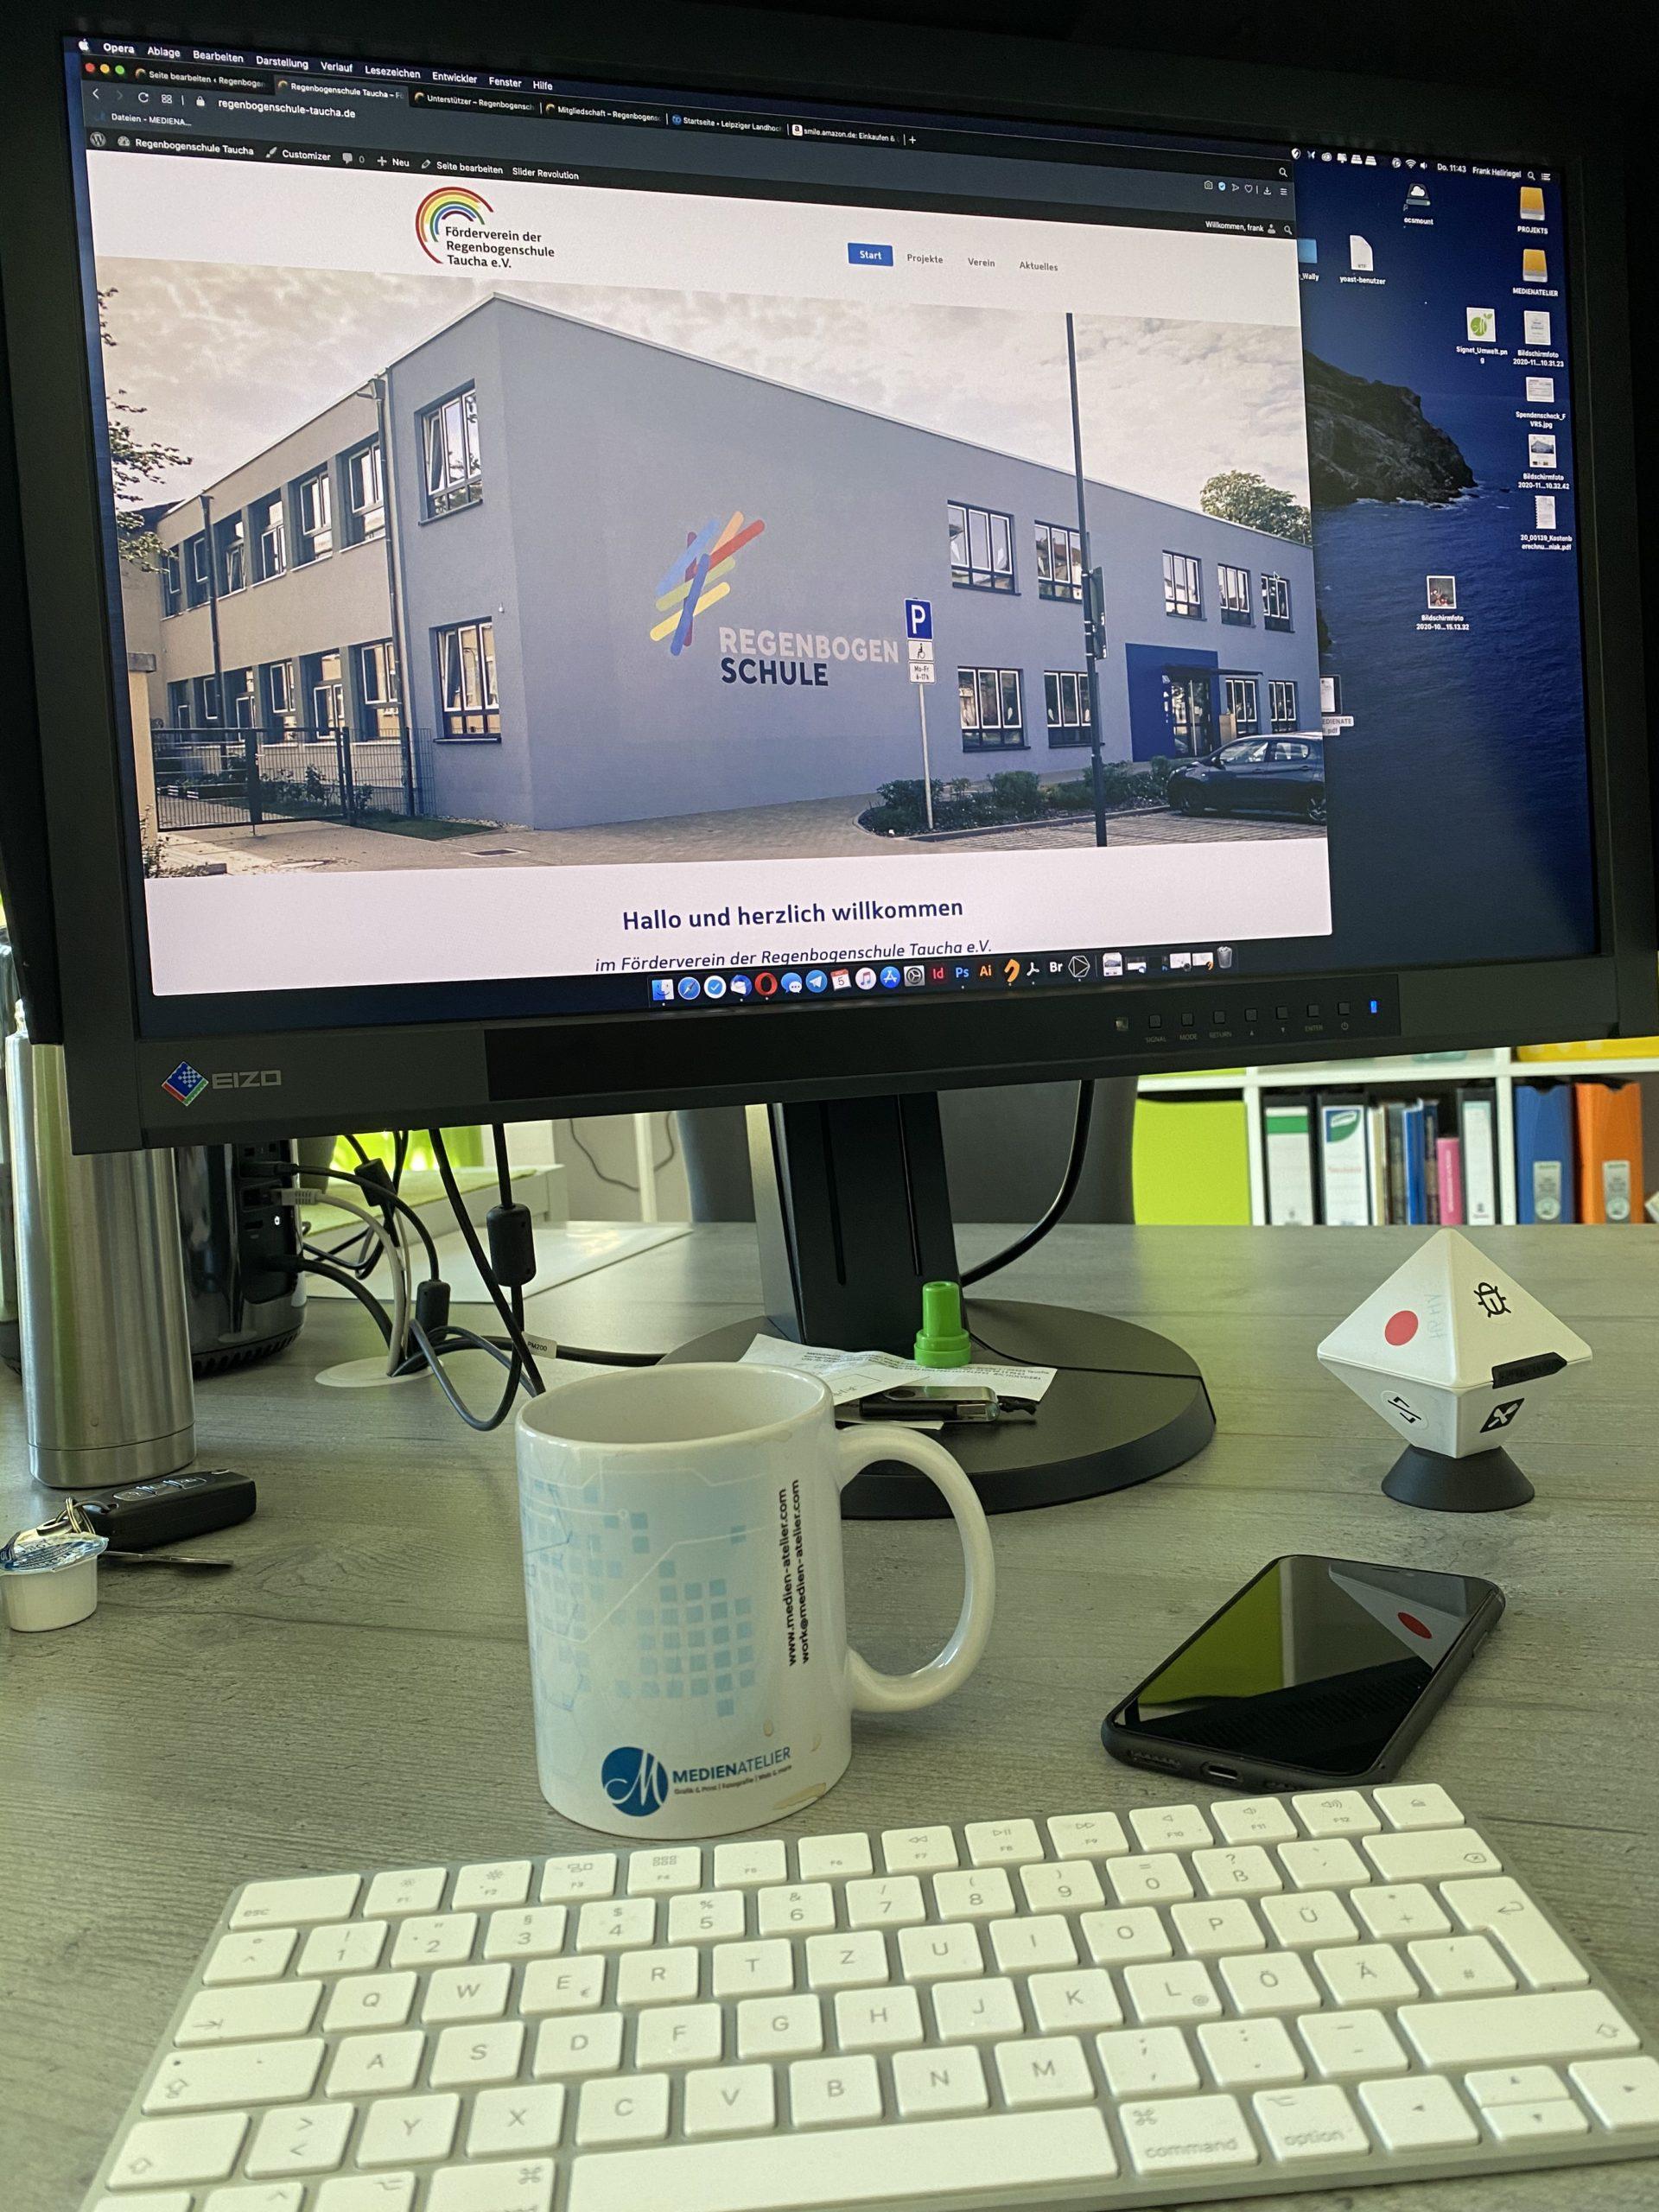 Regenbogenschule Taucha, Förderverein, Website